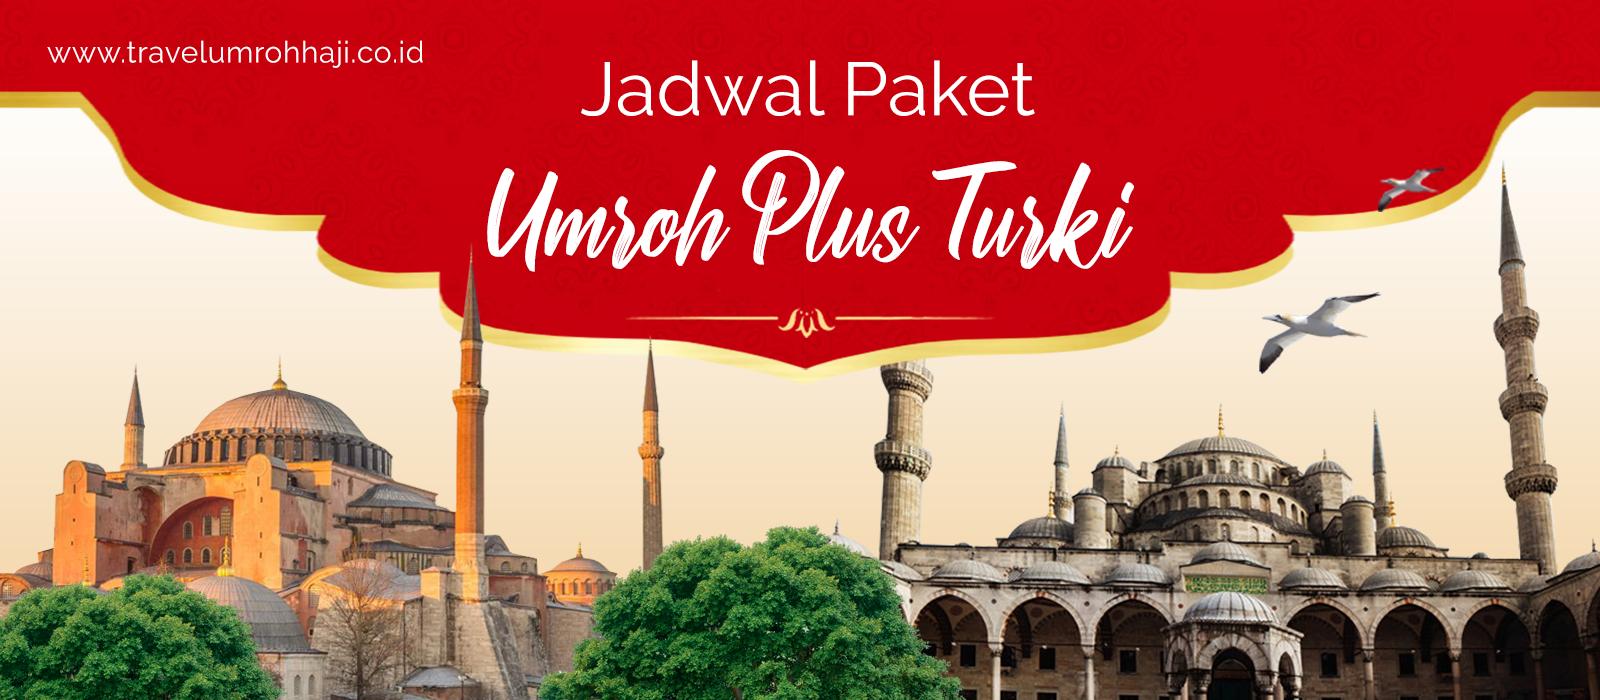 Paket Umroh Plus Turki Murah Biaya Promo